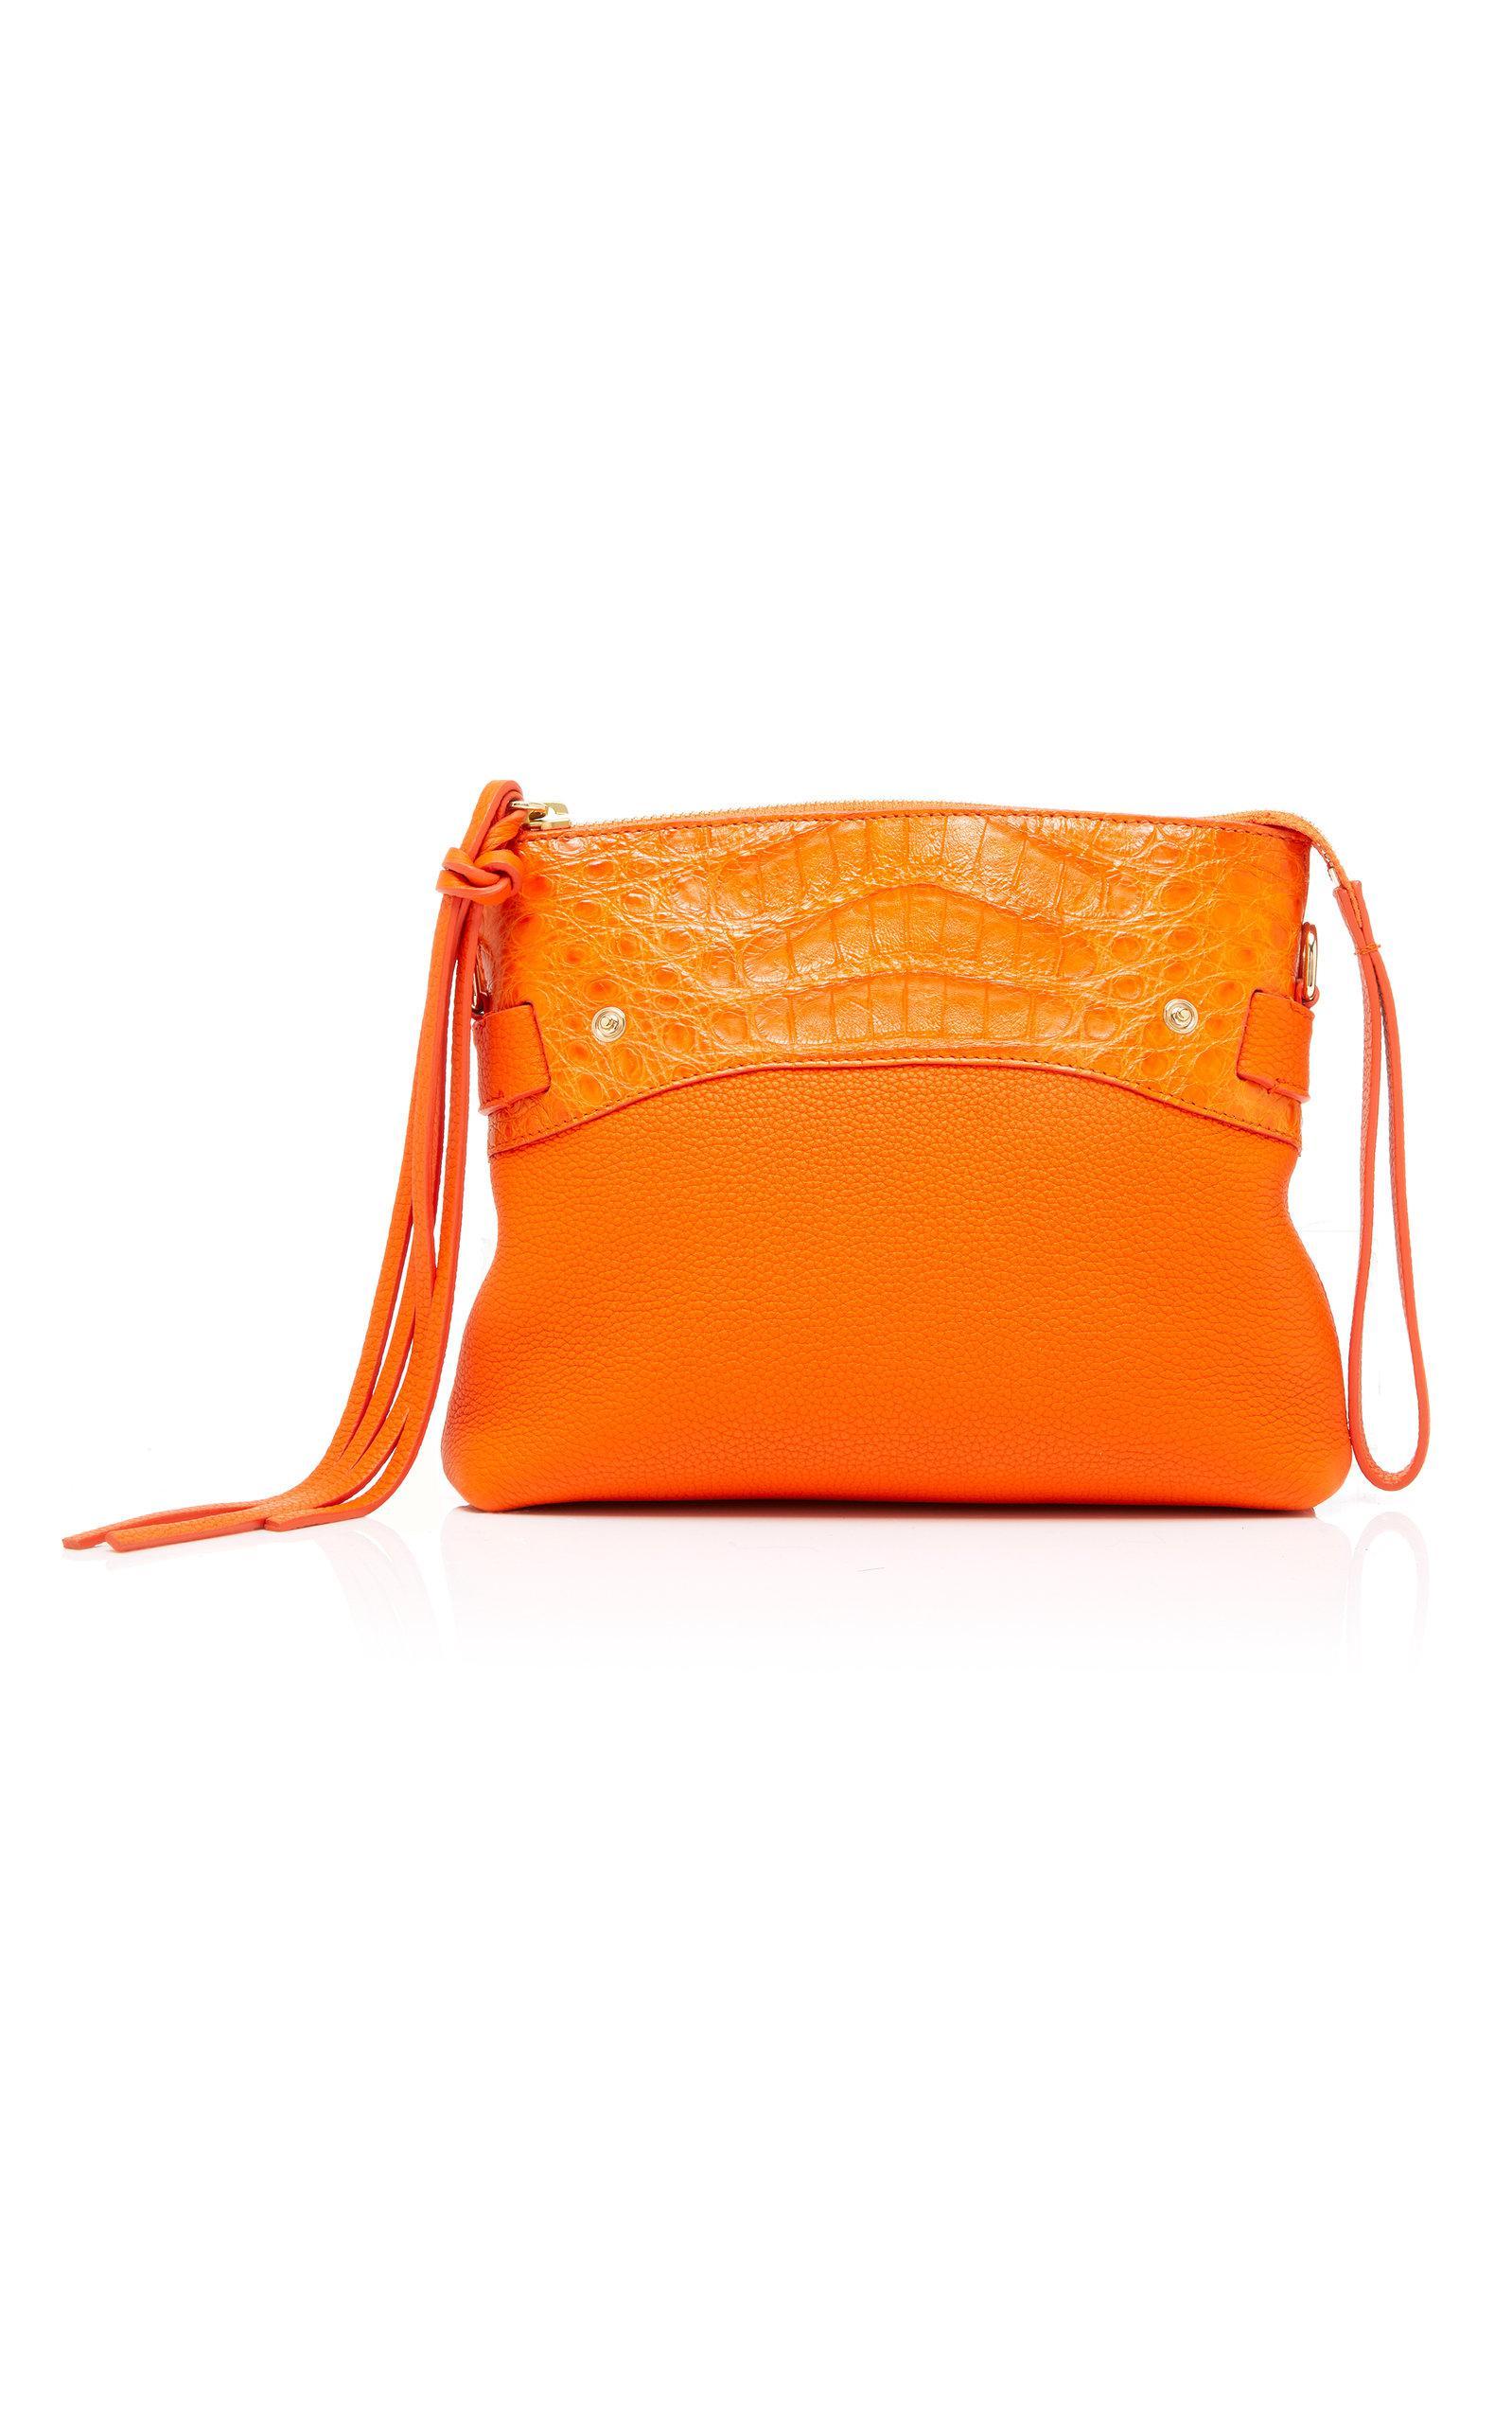 Nancy Gonzalez Leather Mini Cristie Tote With Pouchette in Orange